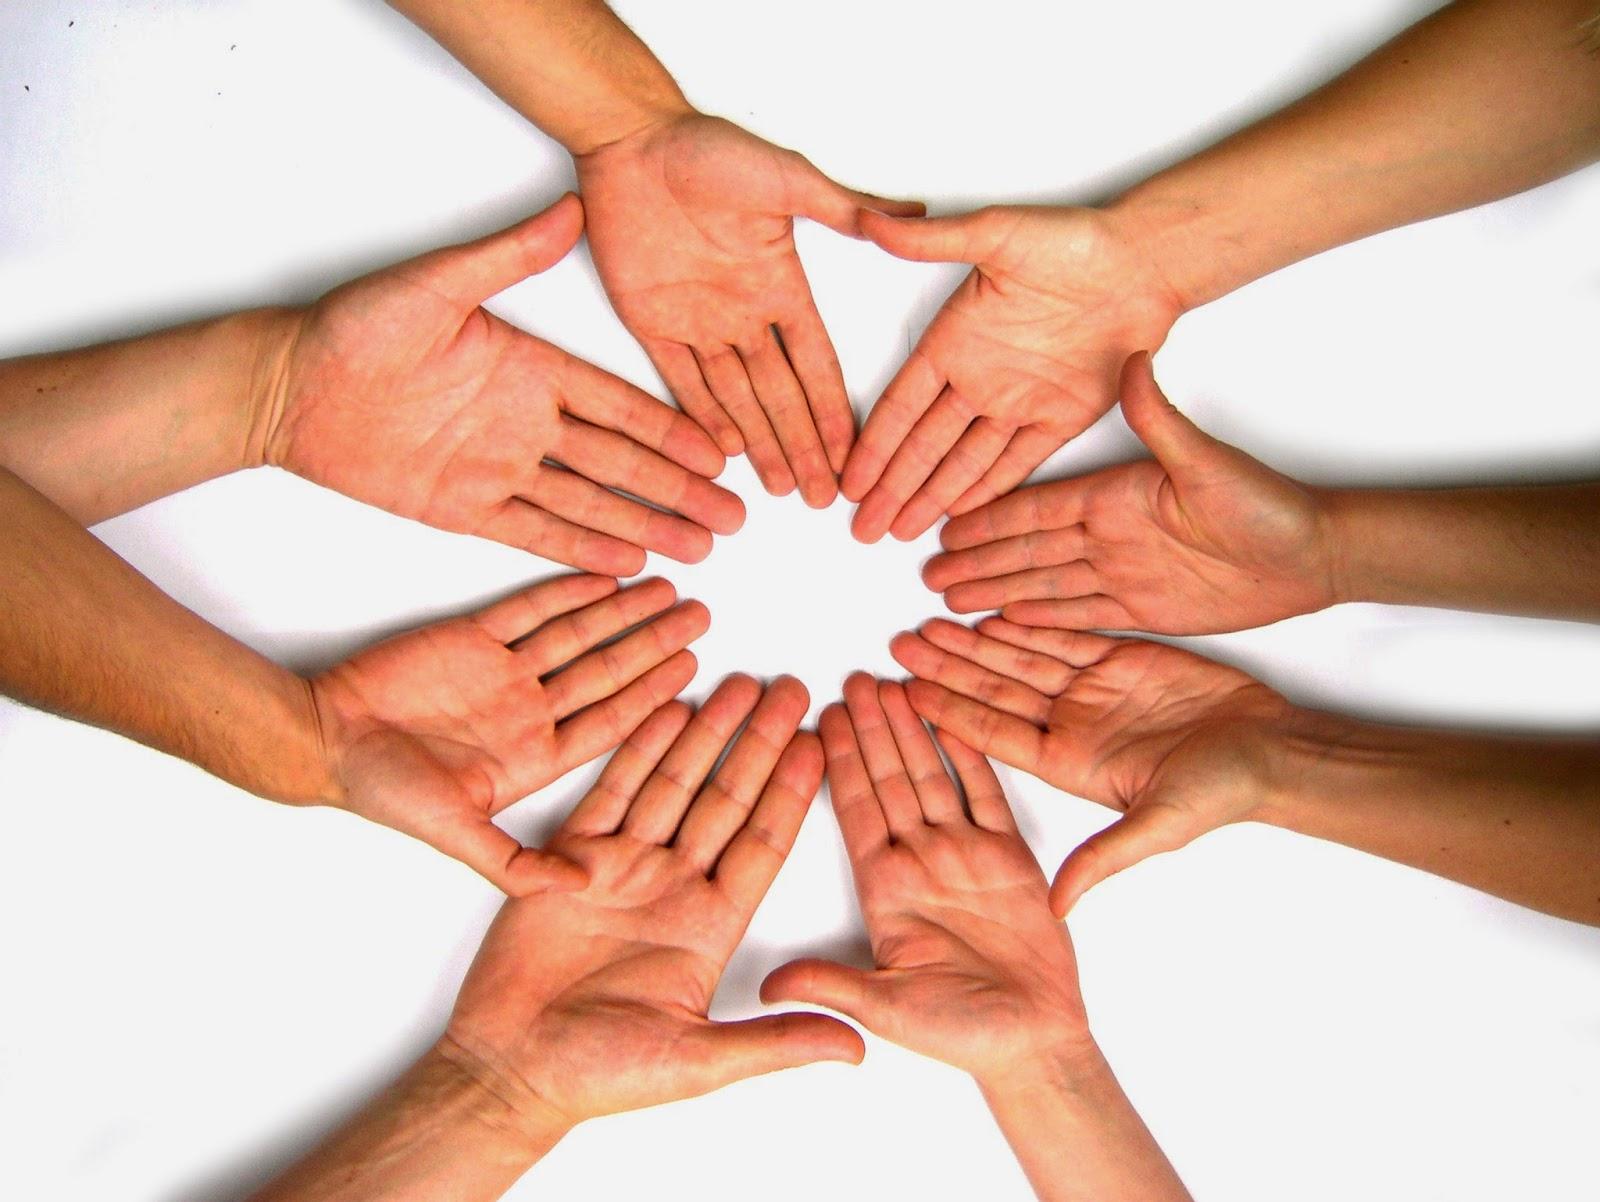 Doações voluntárias: coração íntegro e amoroso